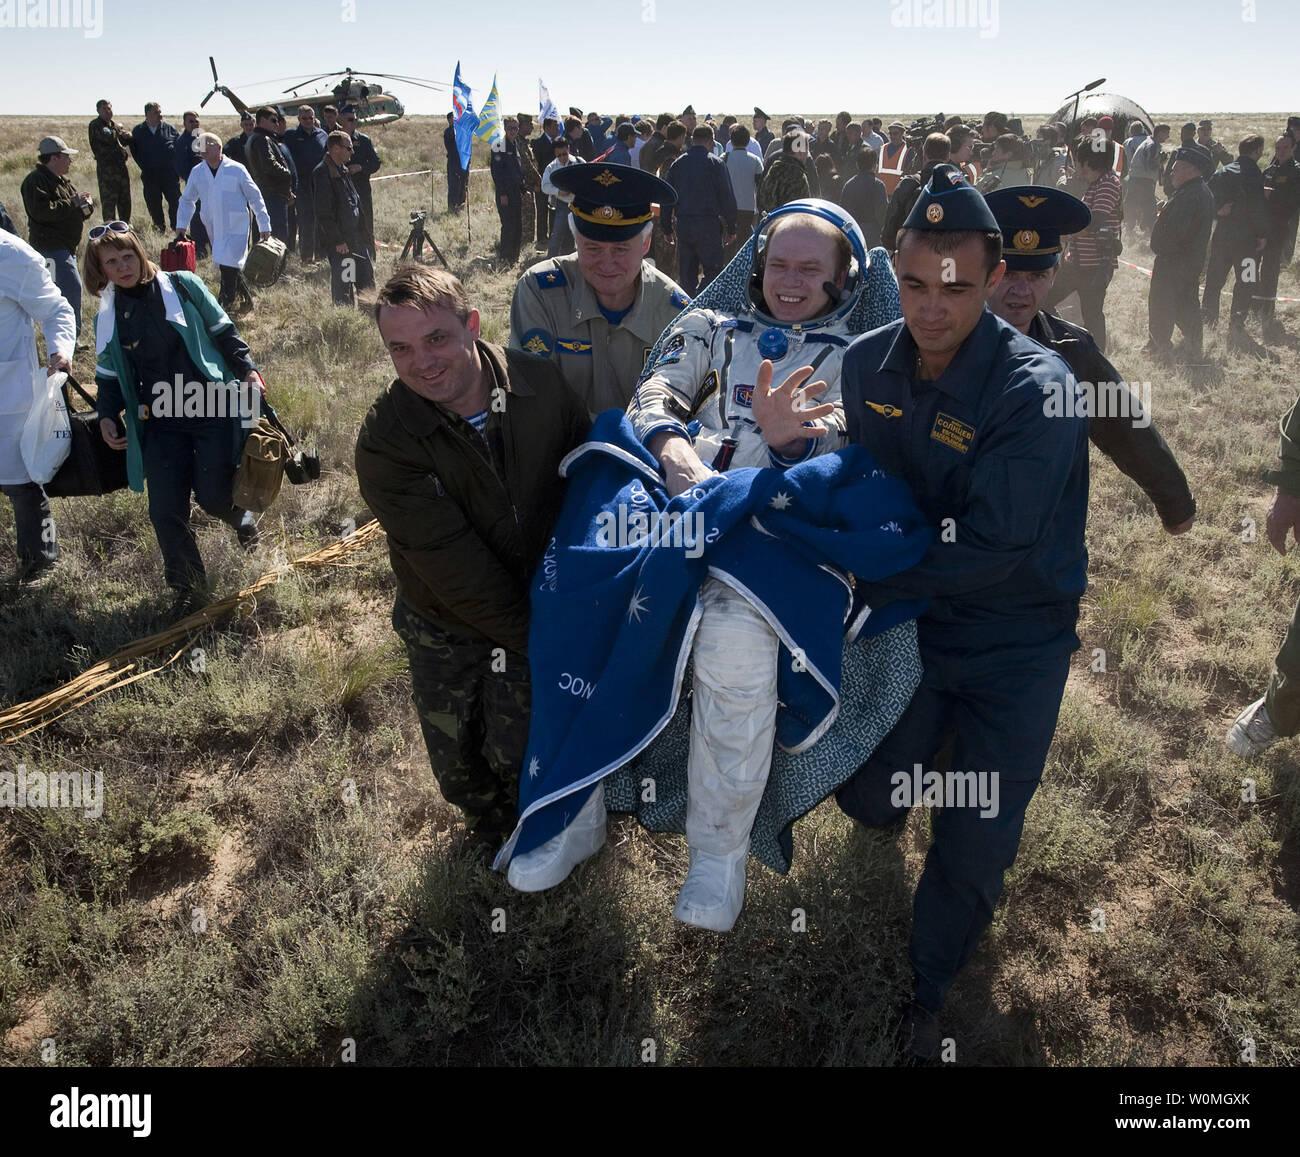 Le commandant de l'expédition 23 Oleg Kotov s'effectue sur une chaise à la tente médicale à quelques minutes après lui et d'autres membres d'équipage T.J. Creamer et Soichi Noguchi a atterri dans leur capsule Soyouz TMA-17 près de la ville de Zhezkazgan, le Kazakhstan le 2 juin 2010. L'astronaute de la NASA Creamer, le cosmonaute russe Kotov et astronaute japonais Noguchi sont de retour de six mois à bord de la Station spatiale internationale où ils ont servi en tant que membres de l'Expédition 22 et 23 équipes. UPI//Bill Ingalls/NASA Photo Stock